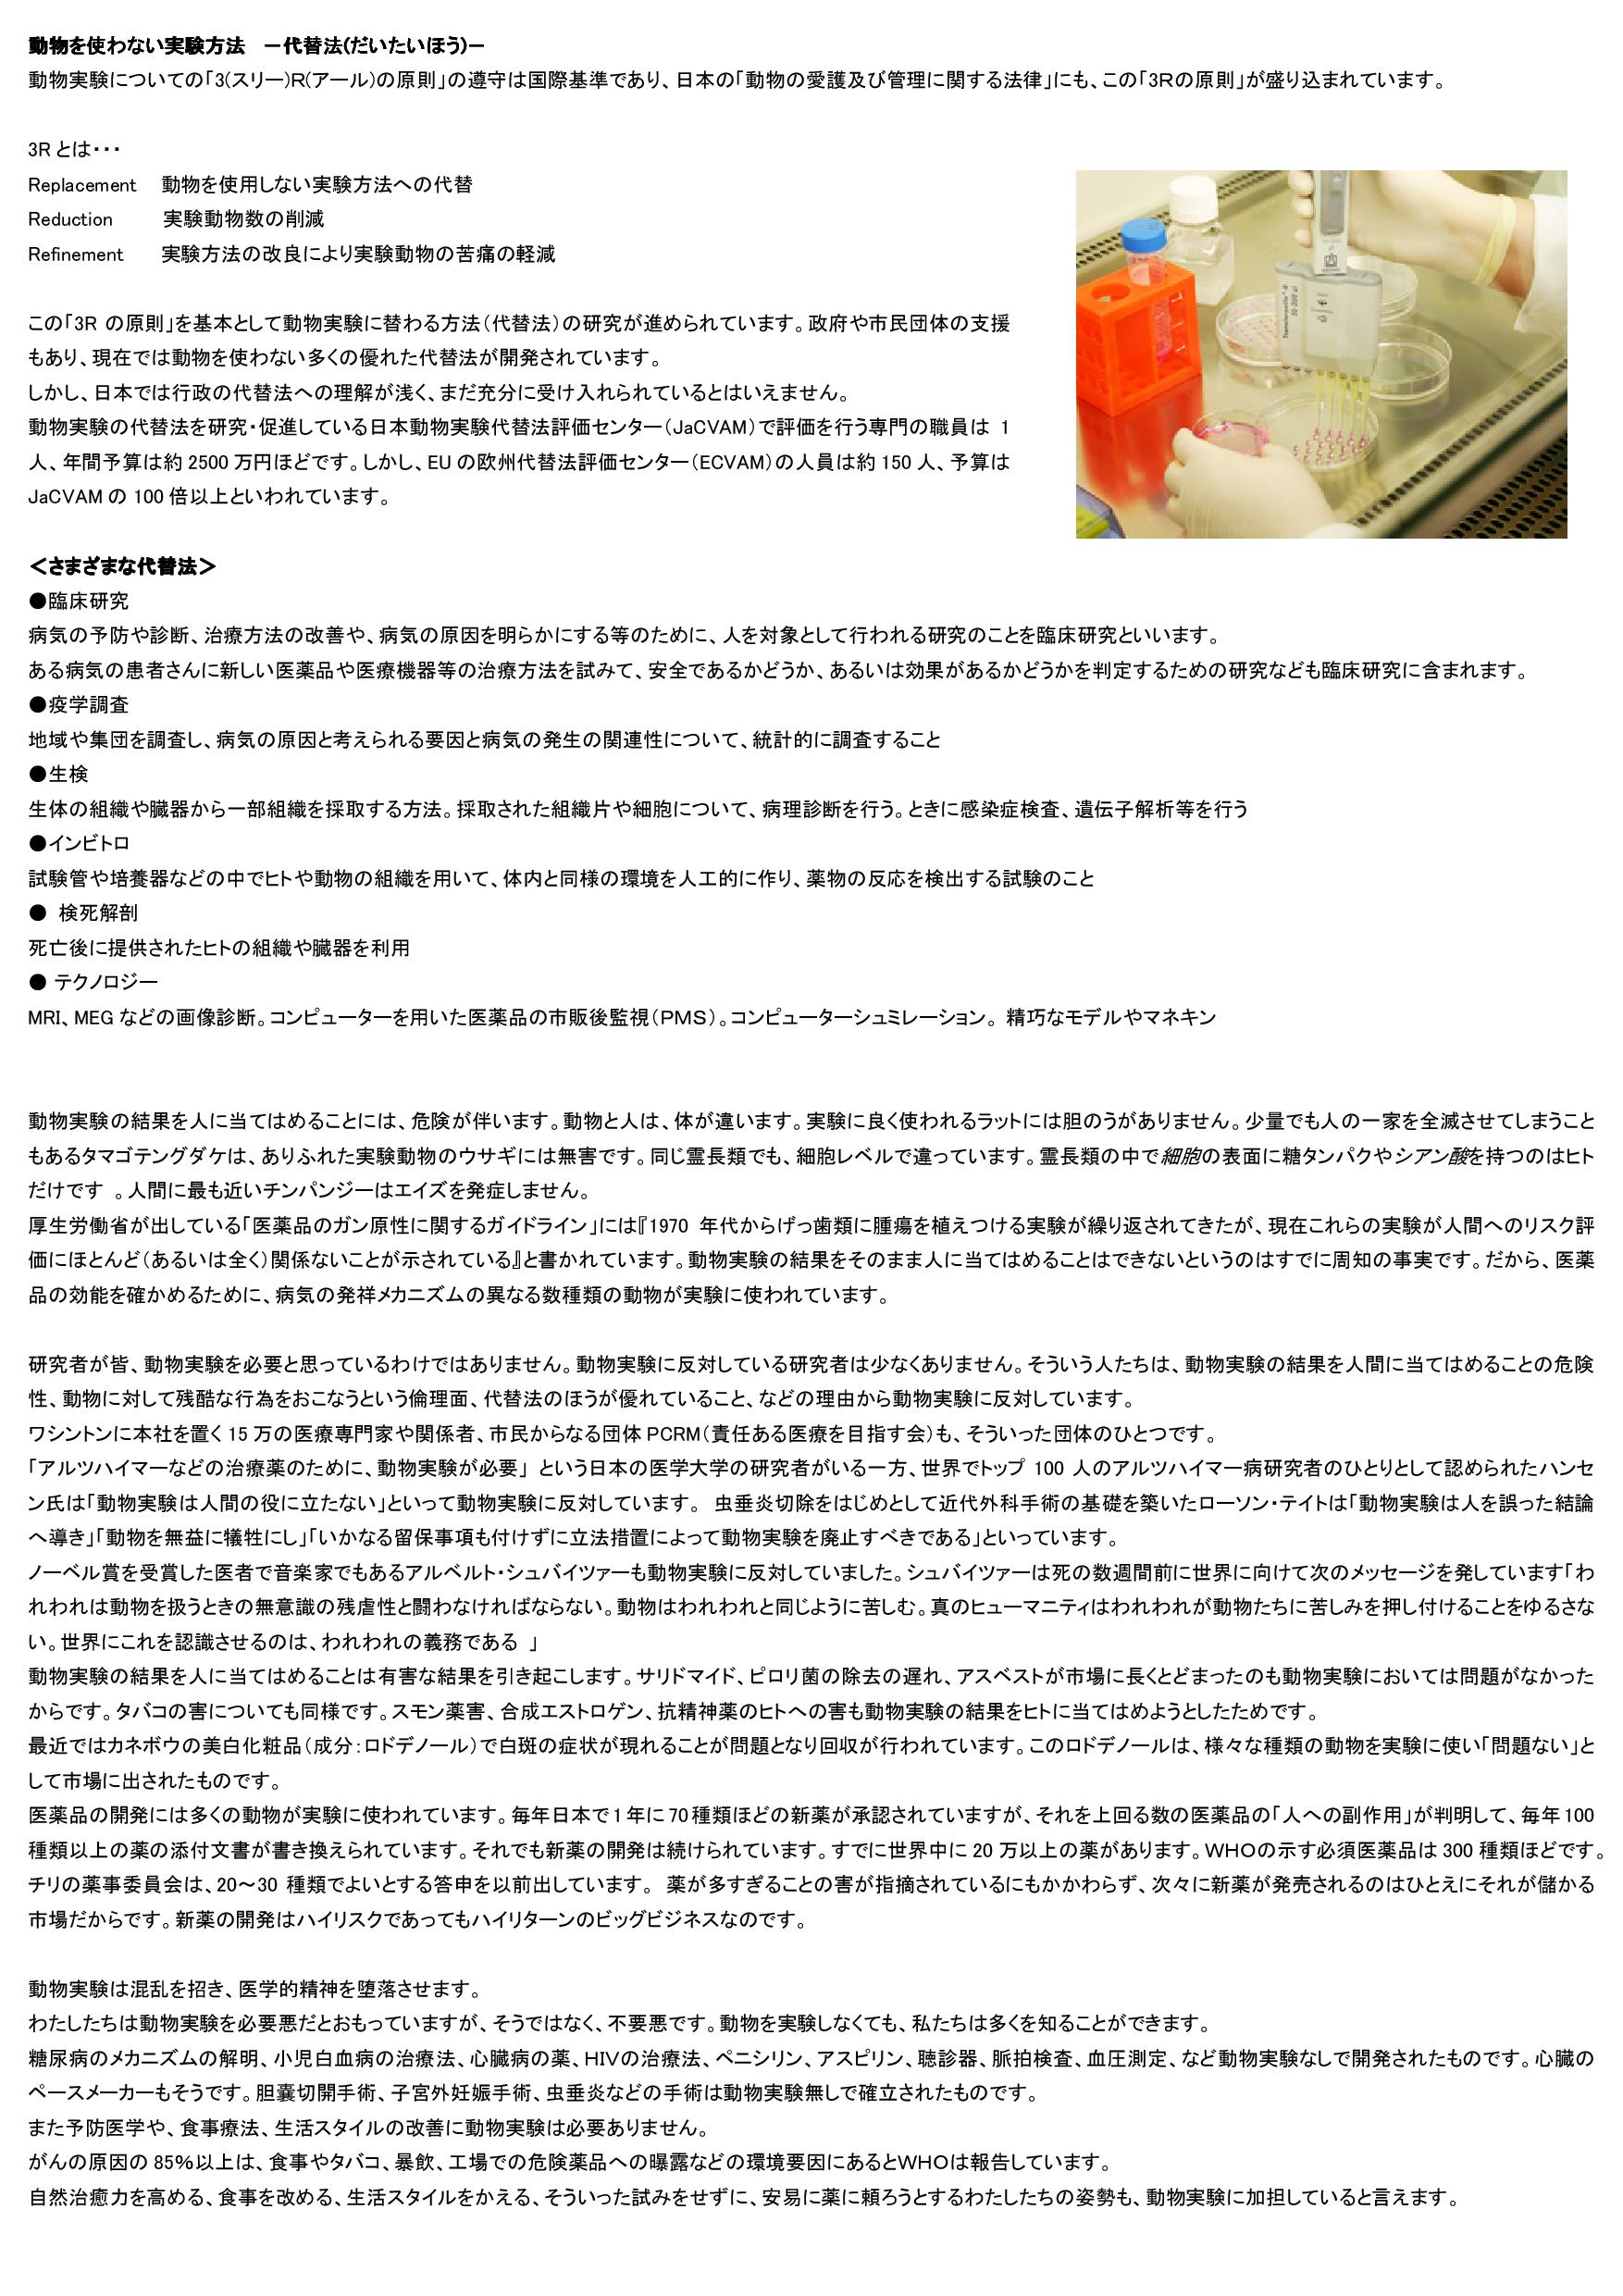 コピー ~ pdf-004